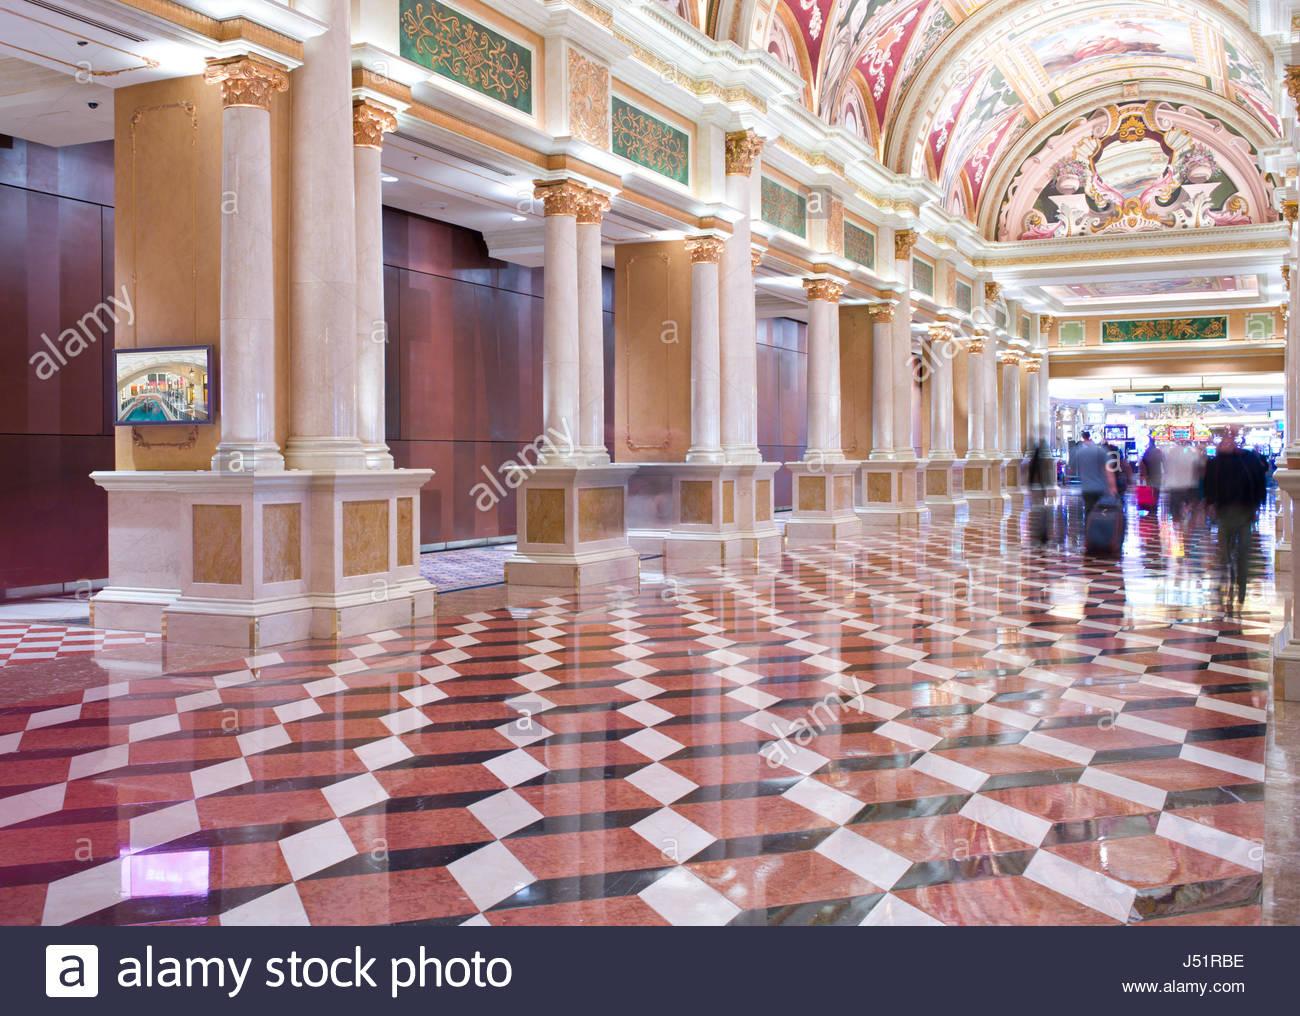 Plafond banque casino desserte billot roulette